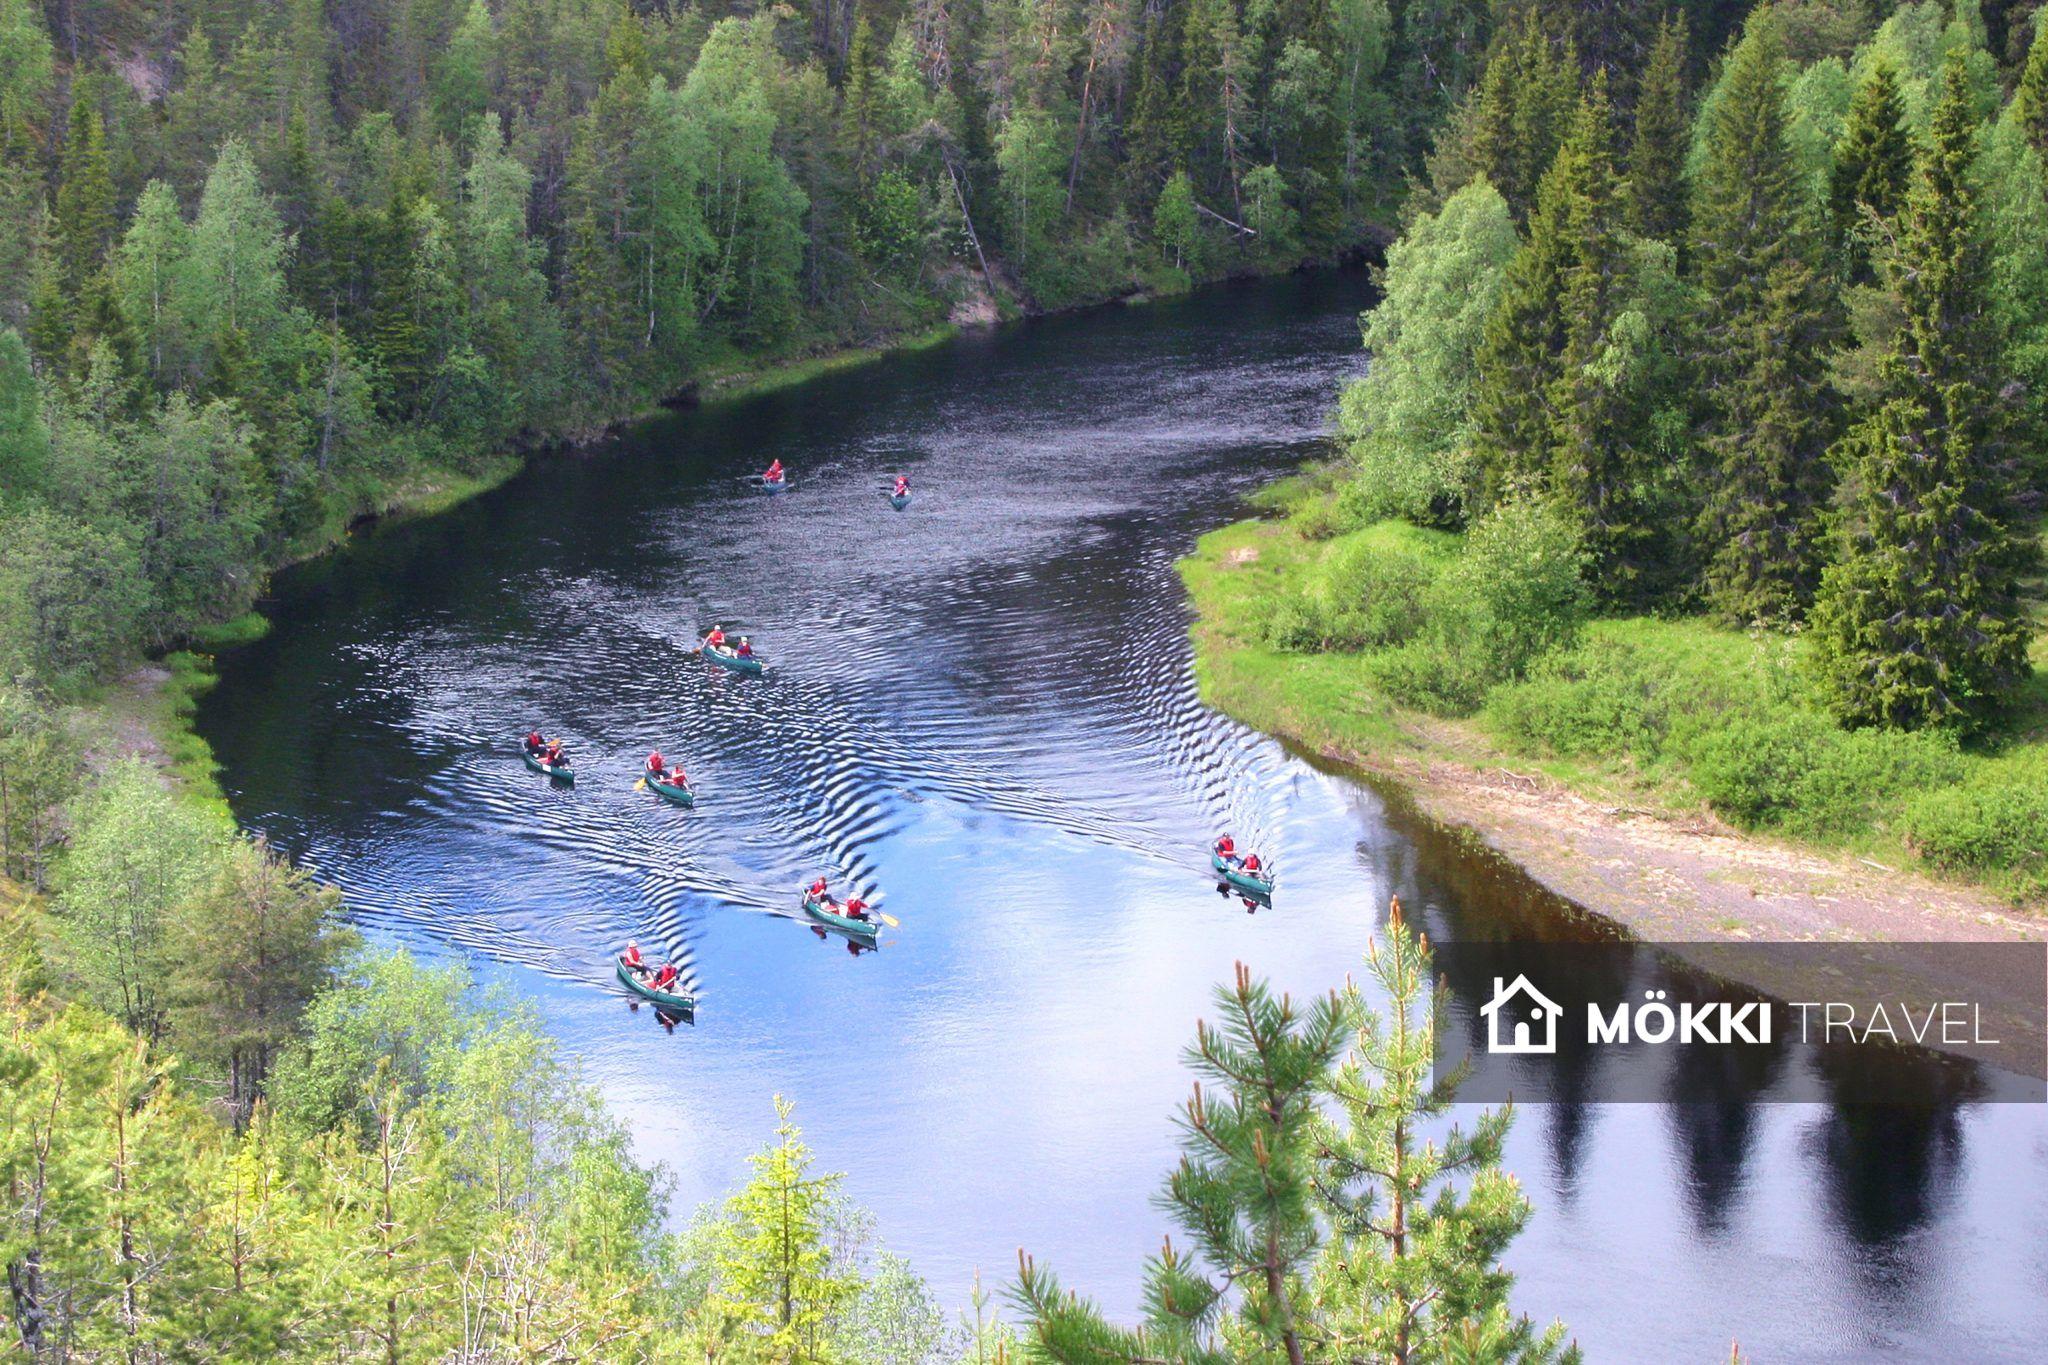 Kanoën op Oulanka rivier